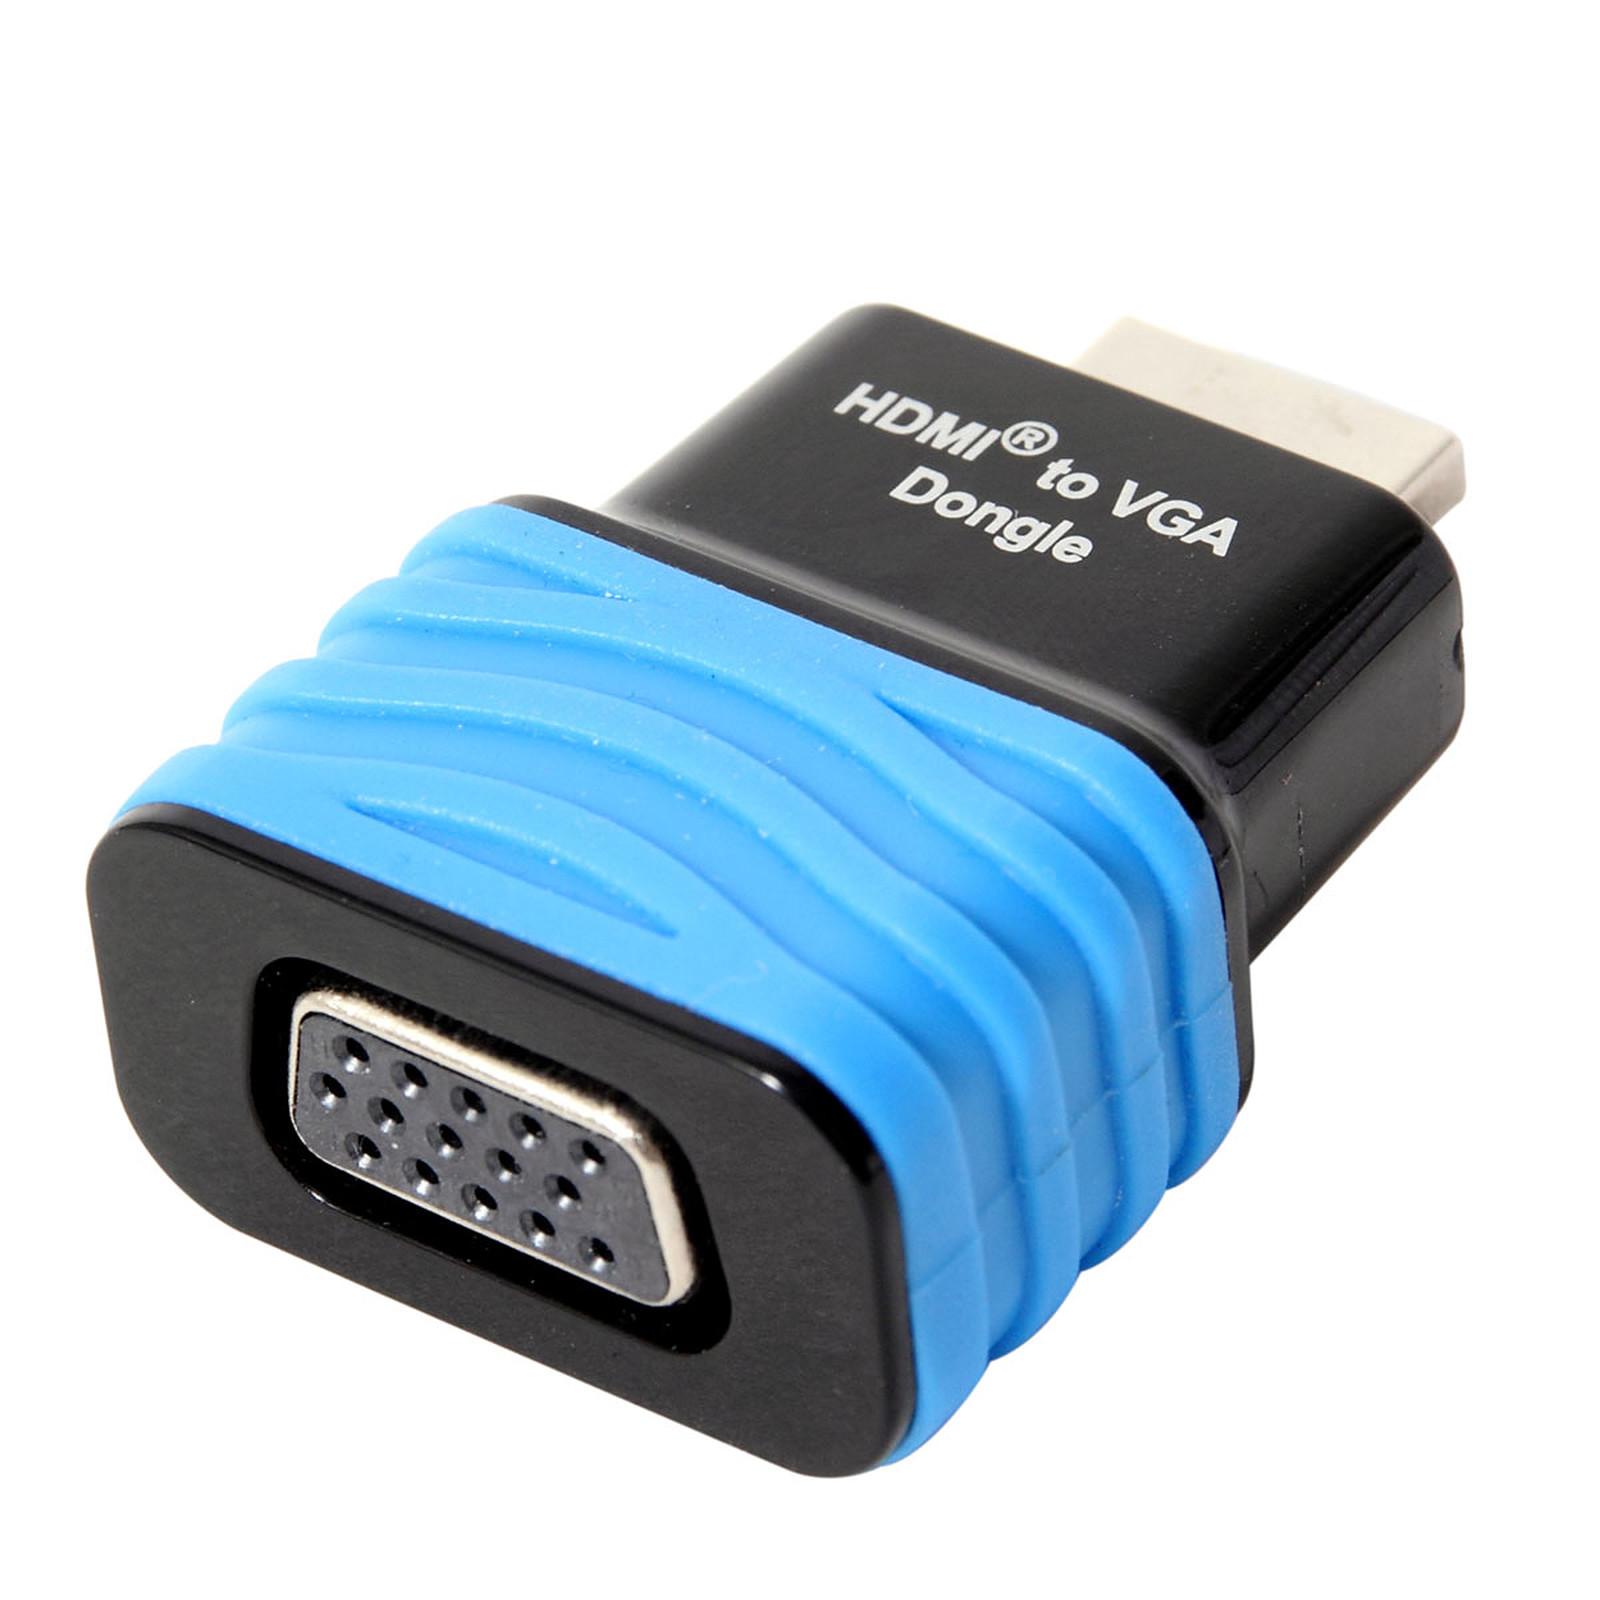 LDLC Adaptateur Dongle HDMI / VGA